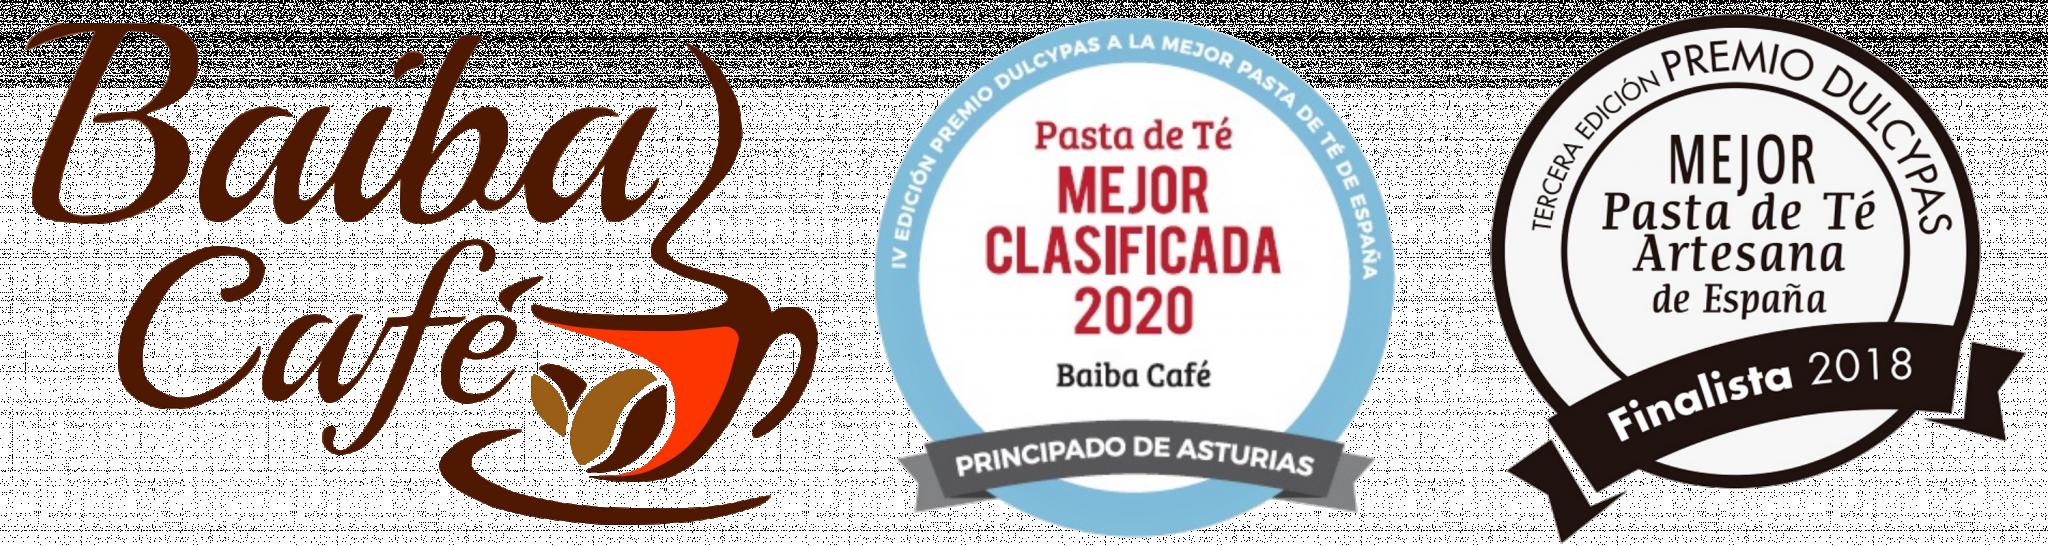 Baiba Café